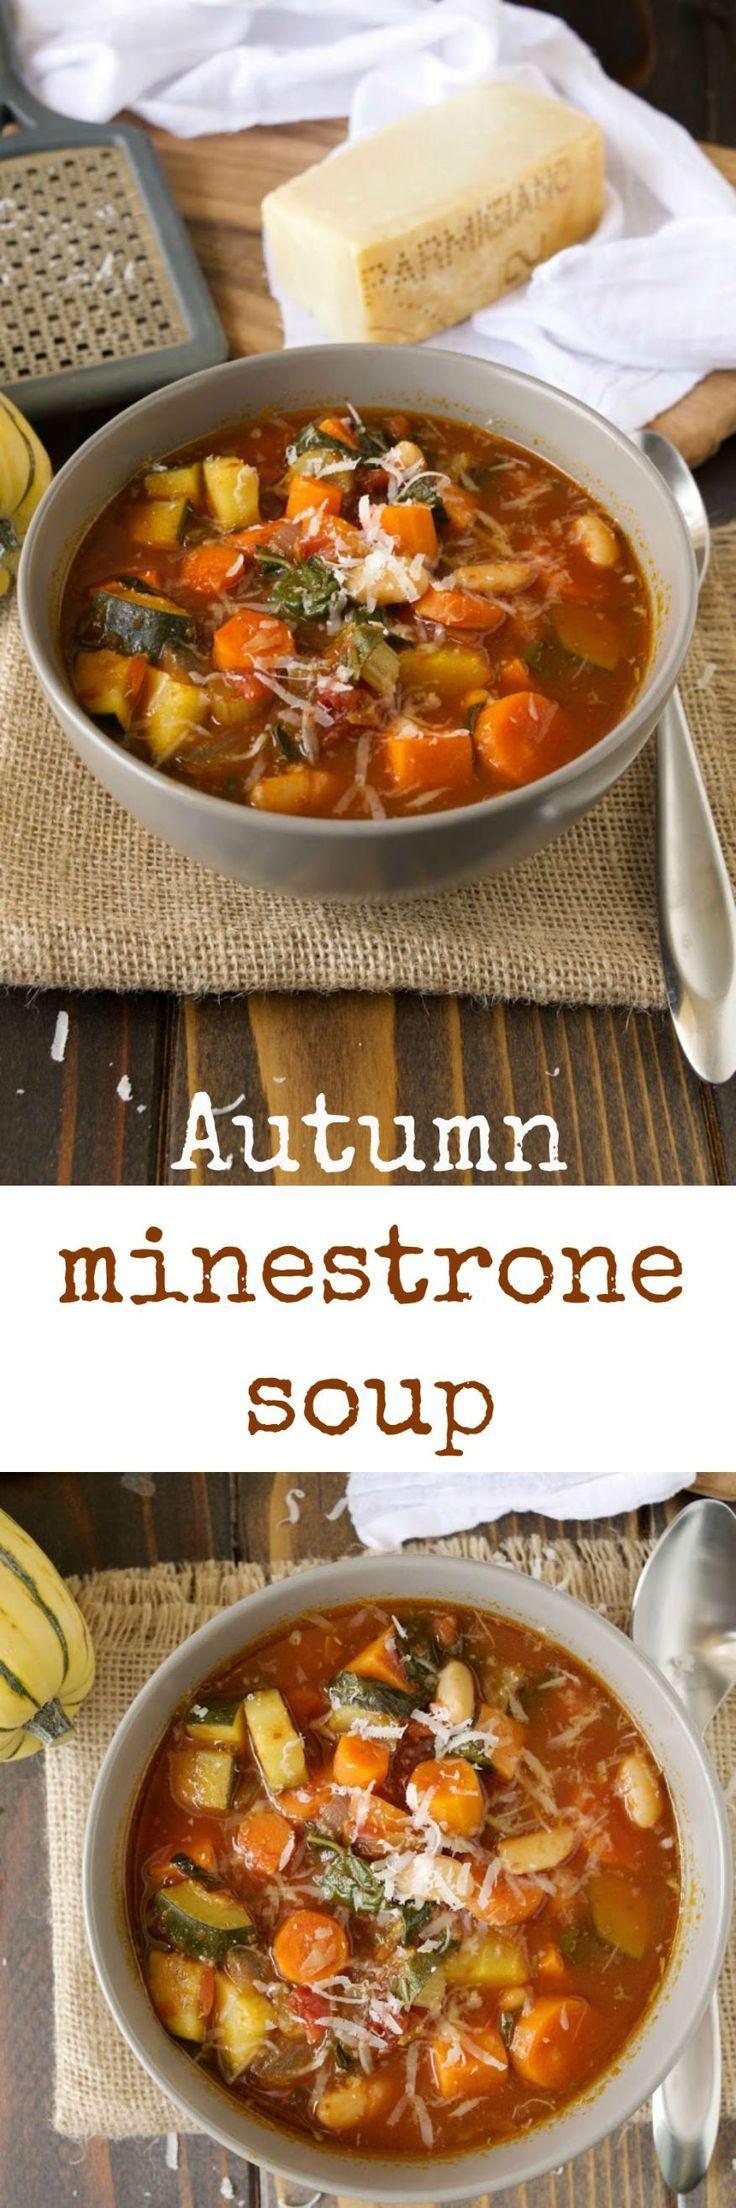 Az ősz és a minestrone kéz a kézben jár :) Finom, laktató és tele van vitaminnal! :) #recept #finom #leves #minestrone #tesco #tescomagyarorszag